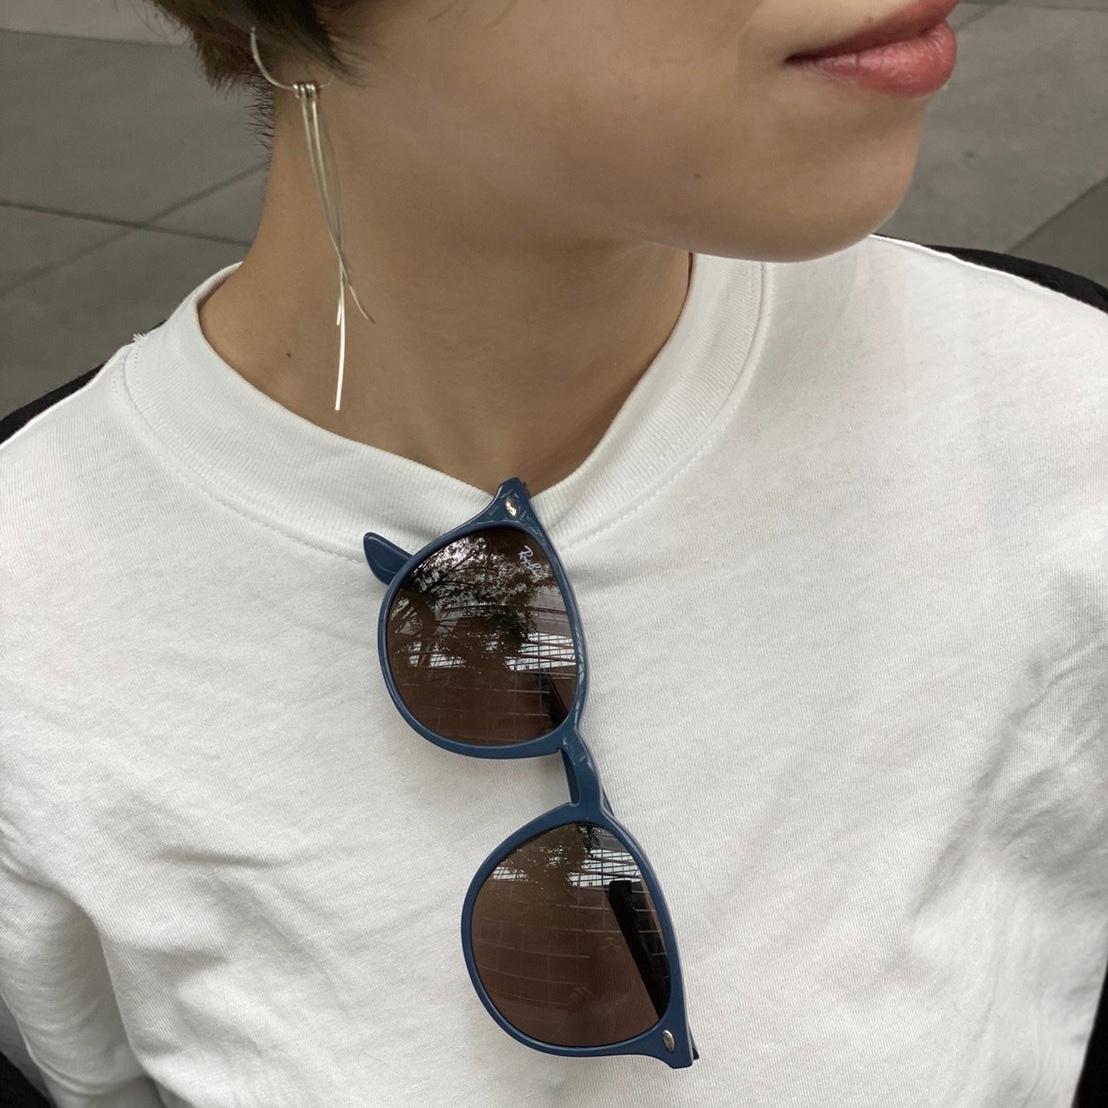 scrap book スクラップブック sunglasses サングラス Ray-Ban レイバン カラーフレーム color frame 珍しいサングラス 珍しいデザイン 可愛い